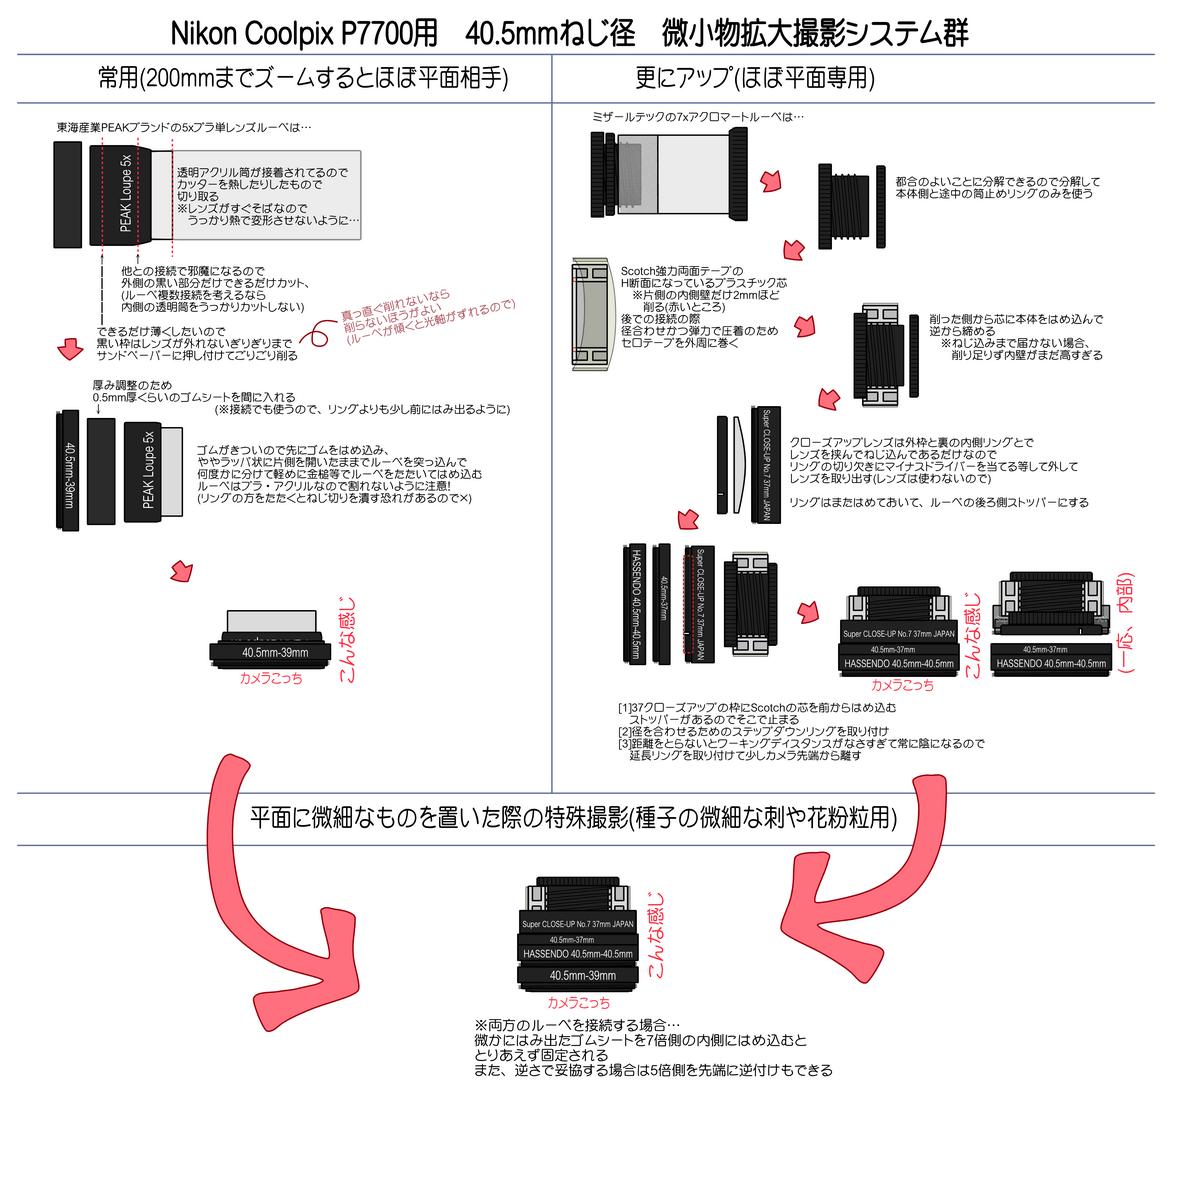 お道具さま、P7700用。 http://blog-imgs-57.fc2.com/p/e/p/pepd/P7700loupesystem